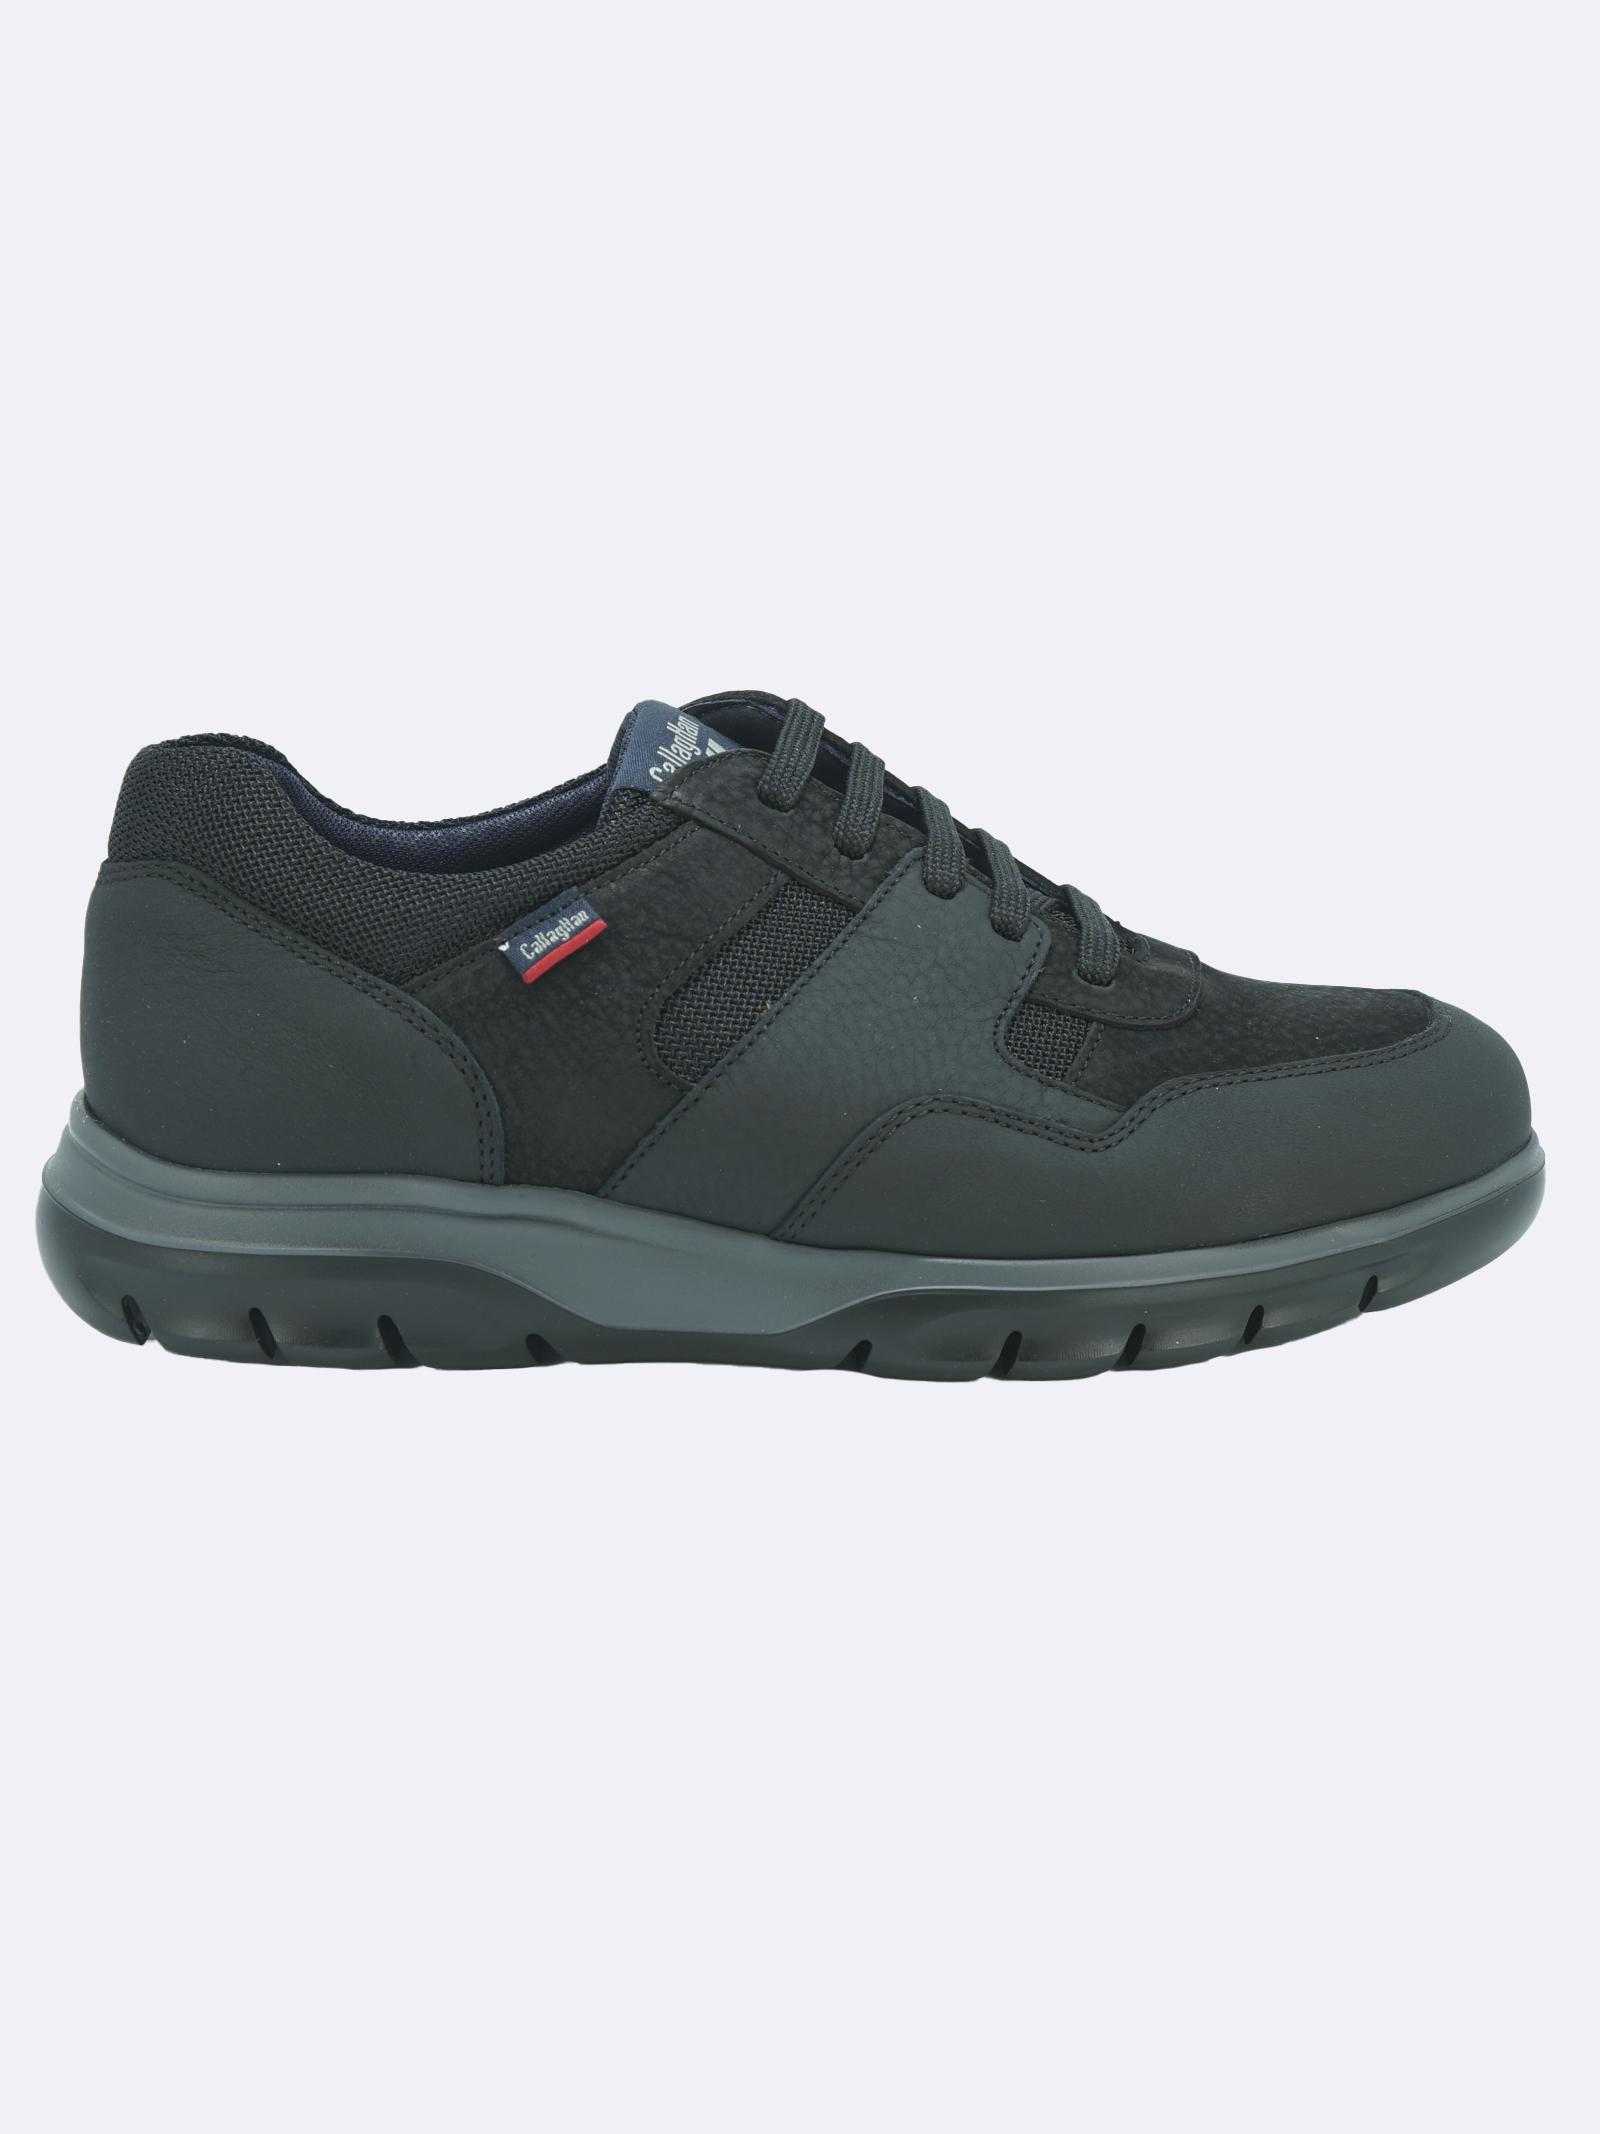 Sneakers Nera con Plantare Estraibile Callaghan | Sneakers | 16209NERO